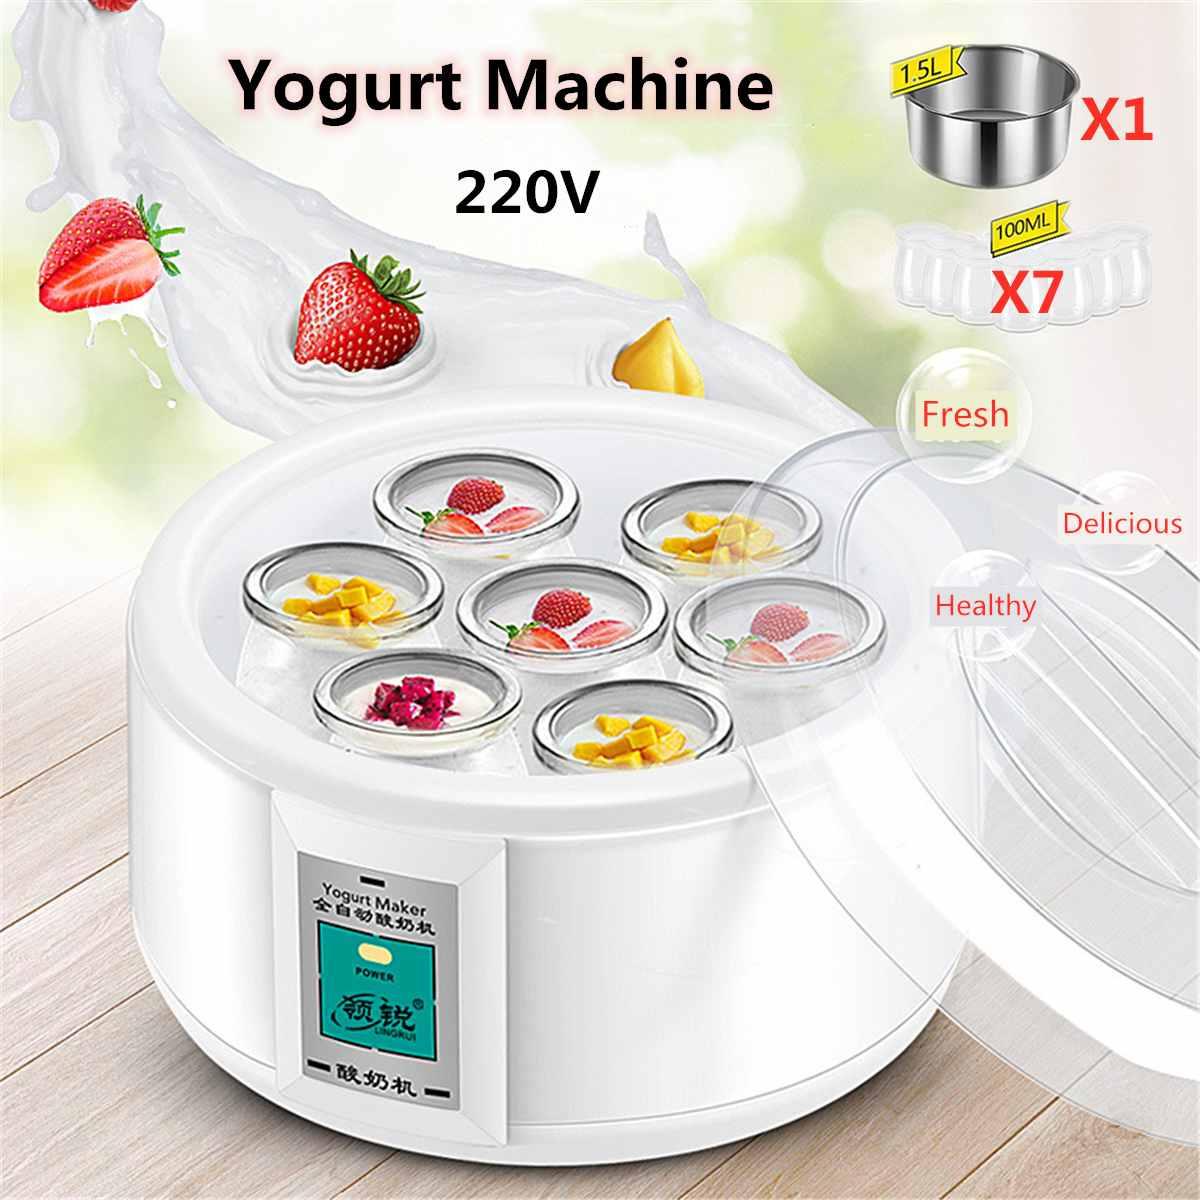 1.5L Автоматическая Йогуртница с 7 баночками DIY инструмент Электрическая Йогуртница йогурт 15 Вт кухонная техника лайнер из нержавеющей стали